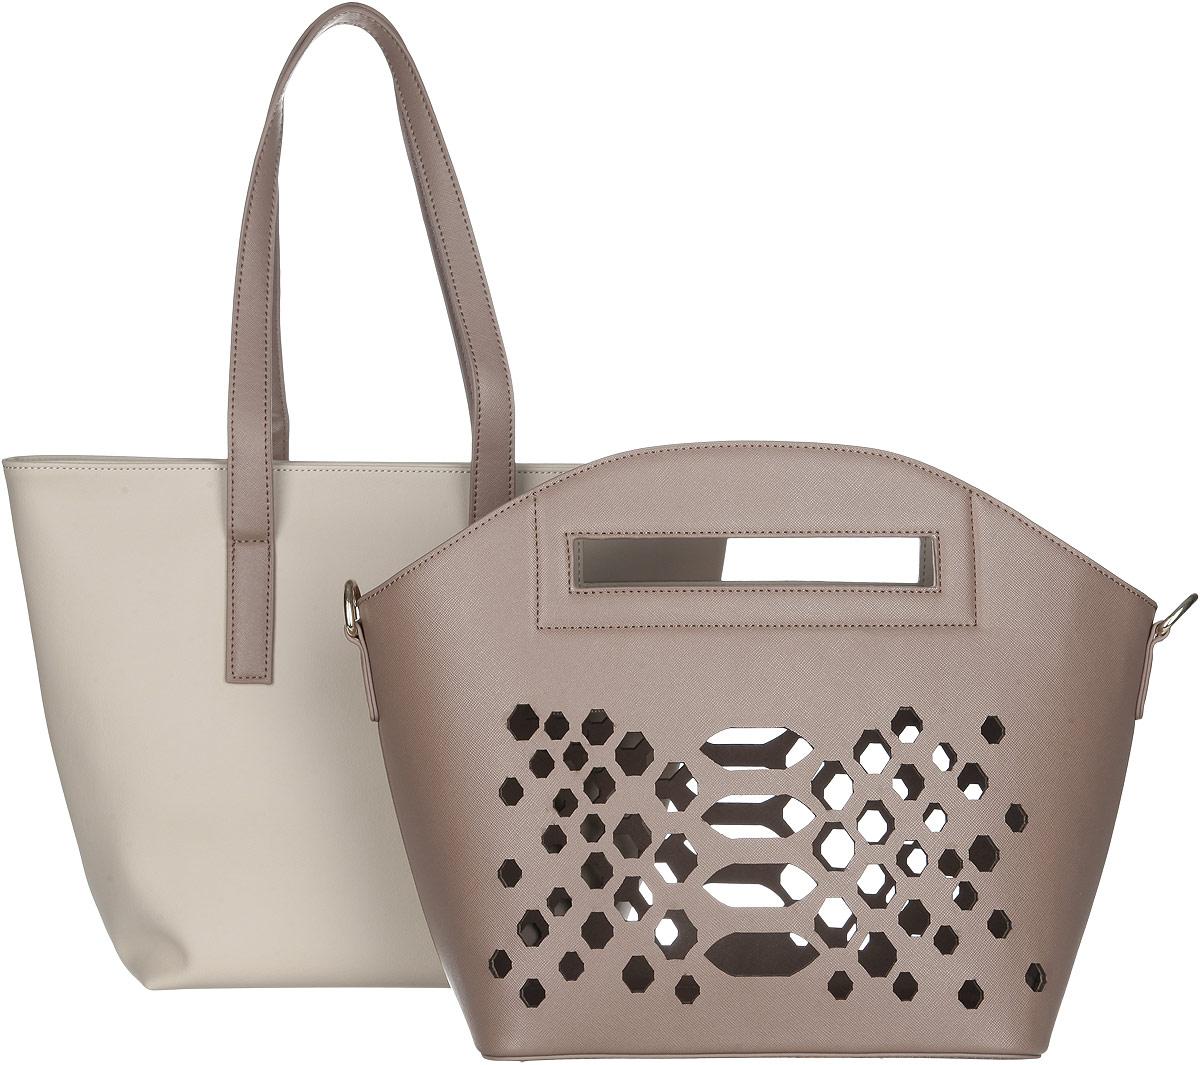 Сумка женская VelVet, цвет: кофе с молоком. 995-491286-172995-491286-172Изысканная женская сумка VelVet выполнена из искусственной кожи, представляет собой комплект из двух сумок в одной. Каждую сумку можно использовать как отдельный аксессуар. Сумка кофейного цвета, подходит для летнего отдыха, выполнена из более плотной кожи с перфорацией. Имеет удобные врезные ручки и закрывается на замок-молнию. Сумка молочного цвета также закрывается на замок-молнию, имеет одно большое отделение. Вместительное внутреннее отделение содержит два накладных кармана для телефона и мелких принадлежностей и врезной карман на молнии. Удобные удлиненные ручки позволяют носить сумку не только в руках, но и на плече. Комплект оснащен съемным регулируемым плечевым ремнем. Практичная и стильная сумка прекрасно завершит ваш образ.